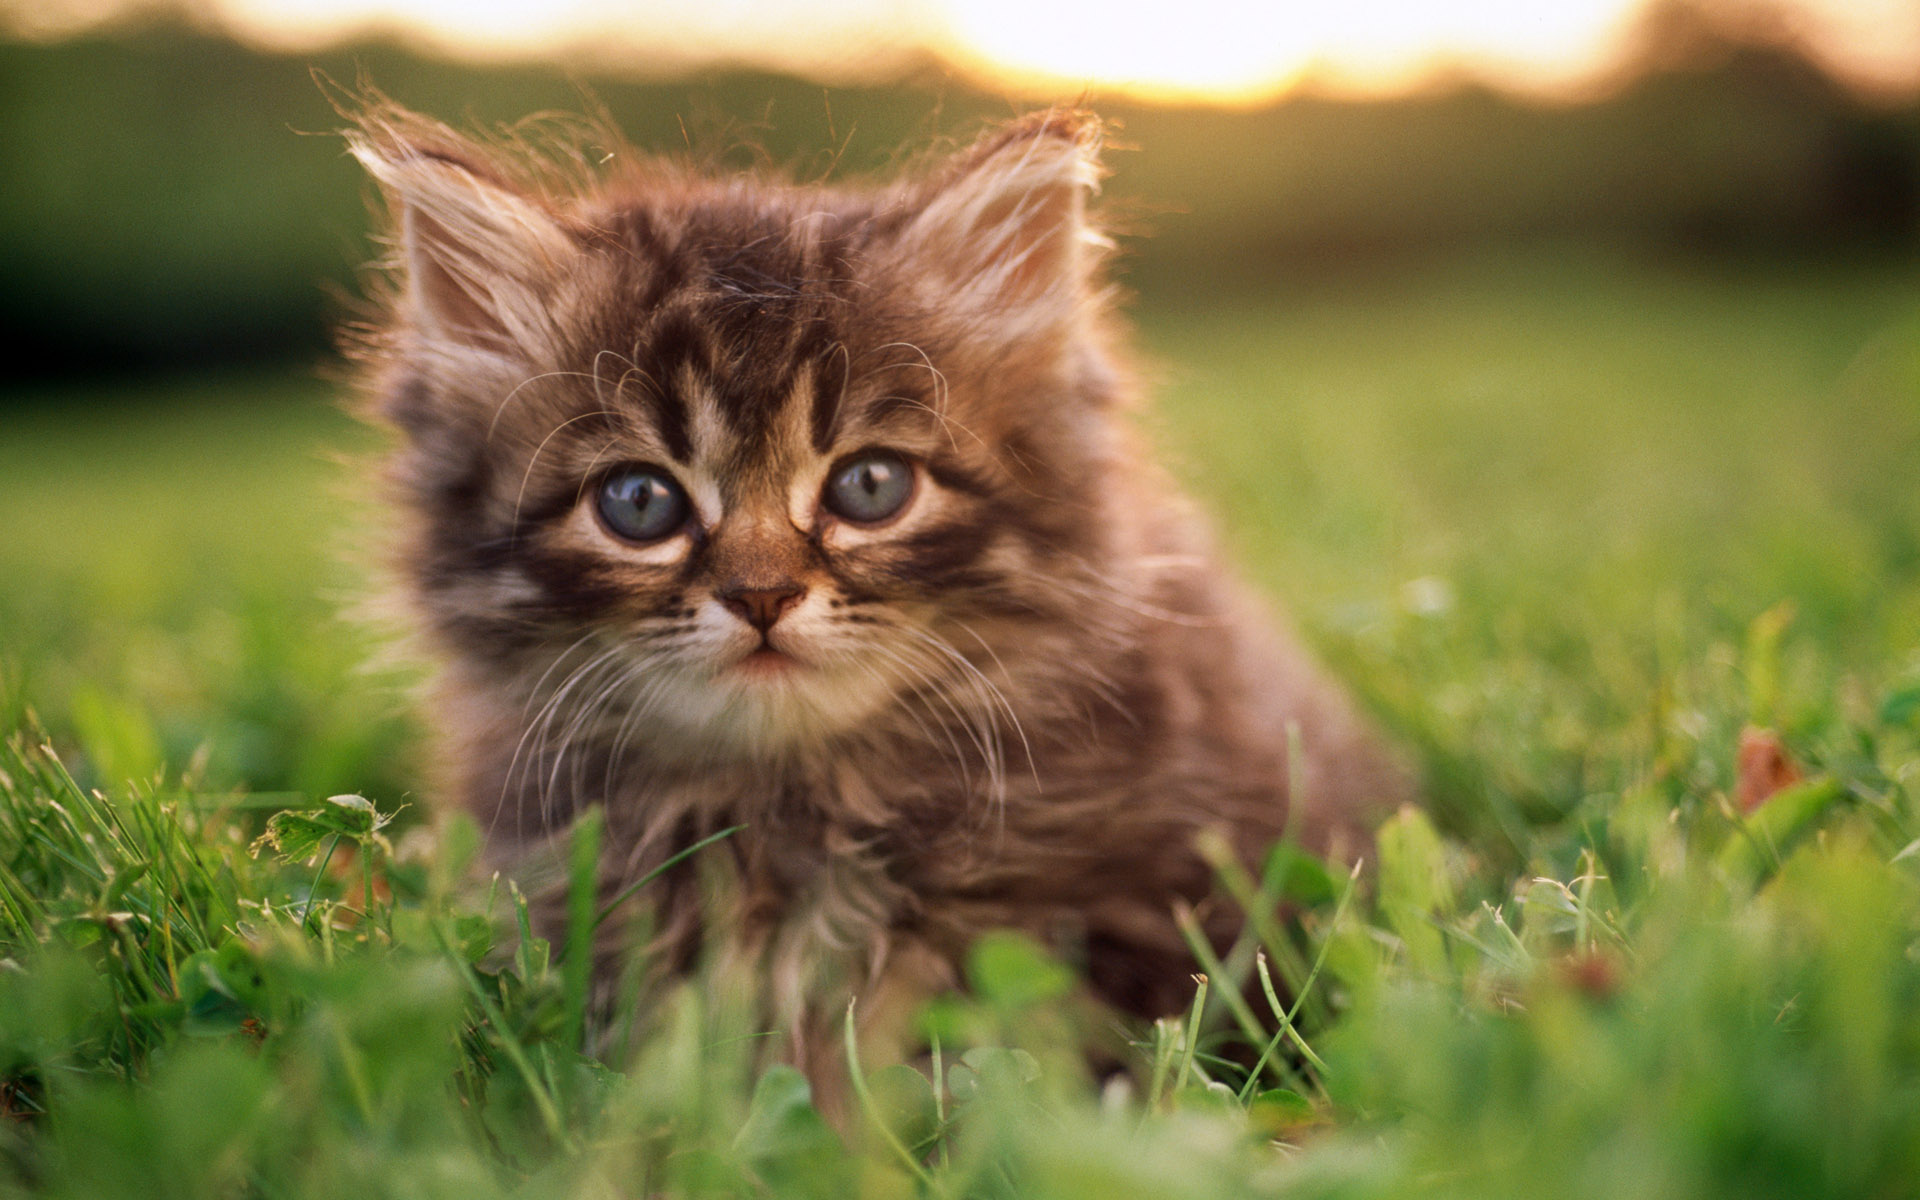 картинки для планшета про котят предлагаем